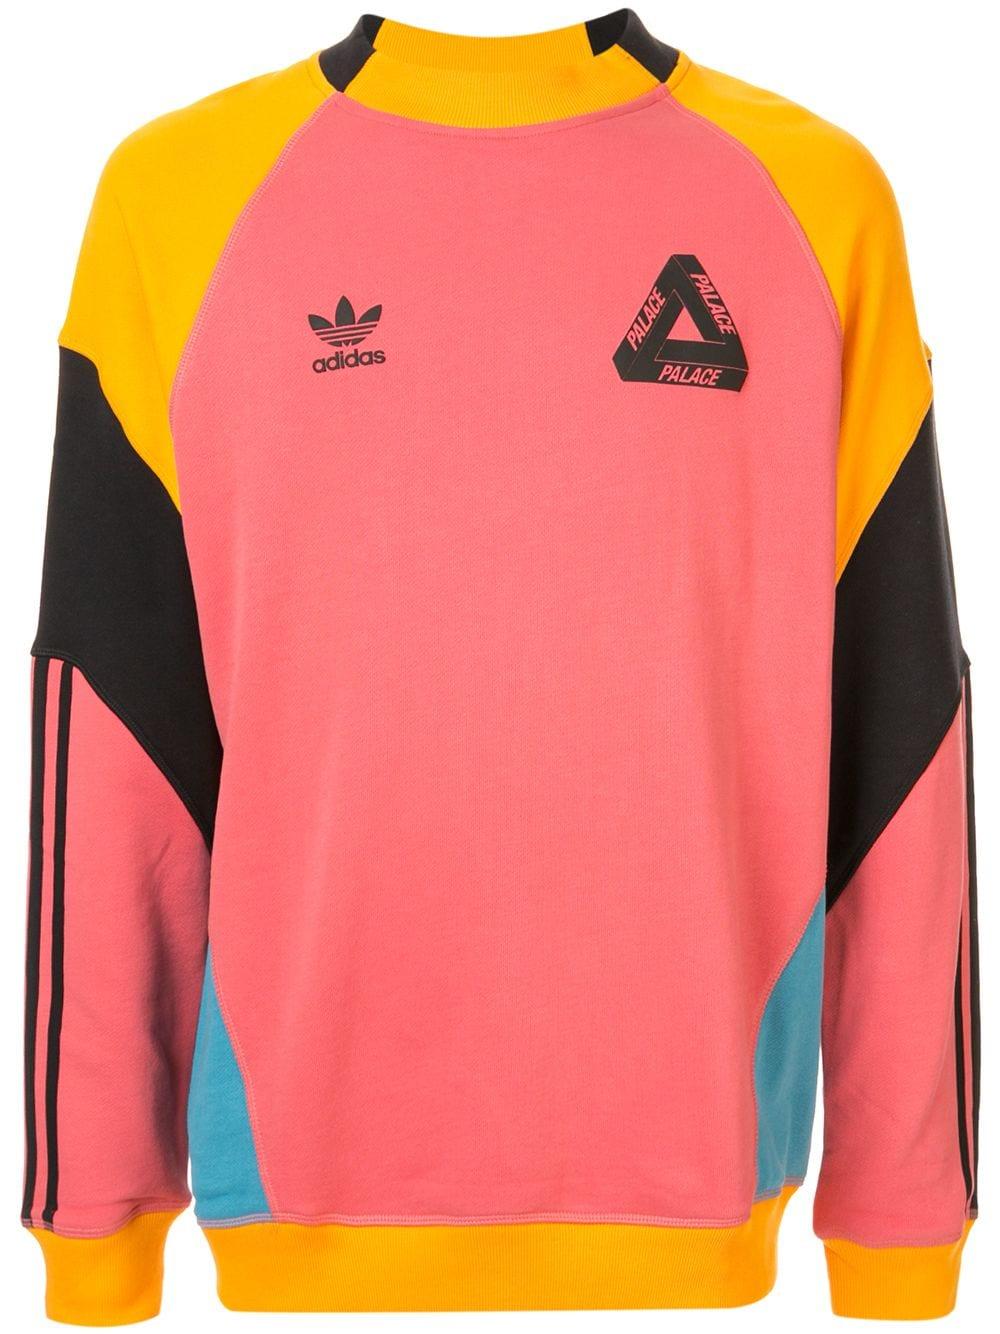 Palace X Adidas Crew Neck Sweatshirt Farfetch Adidas Crew Neck Palace Clothing Crew Neck Sweatshirt [ 1334 x 1000 Pixel ]